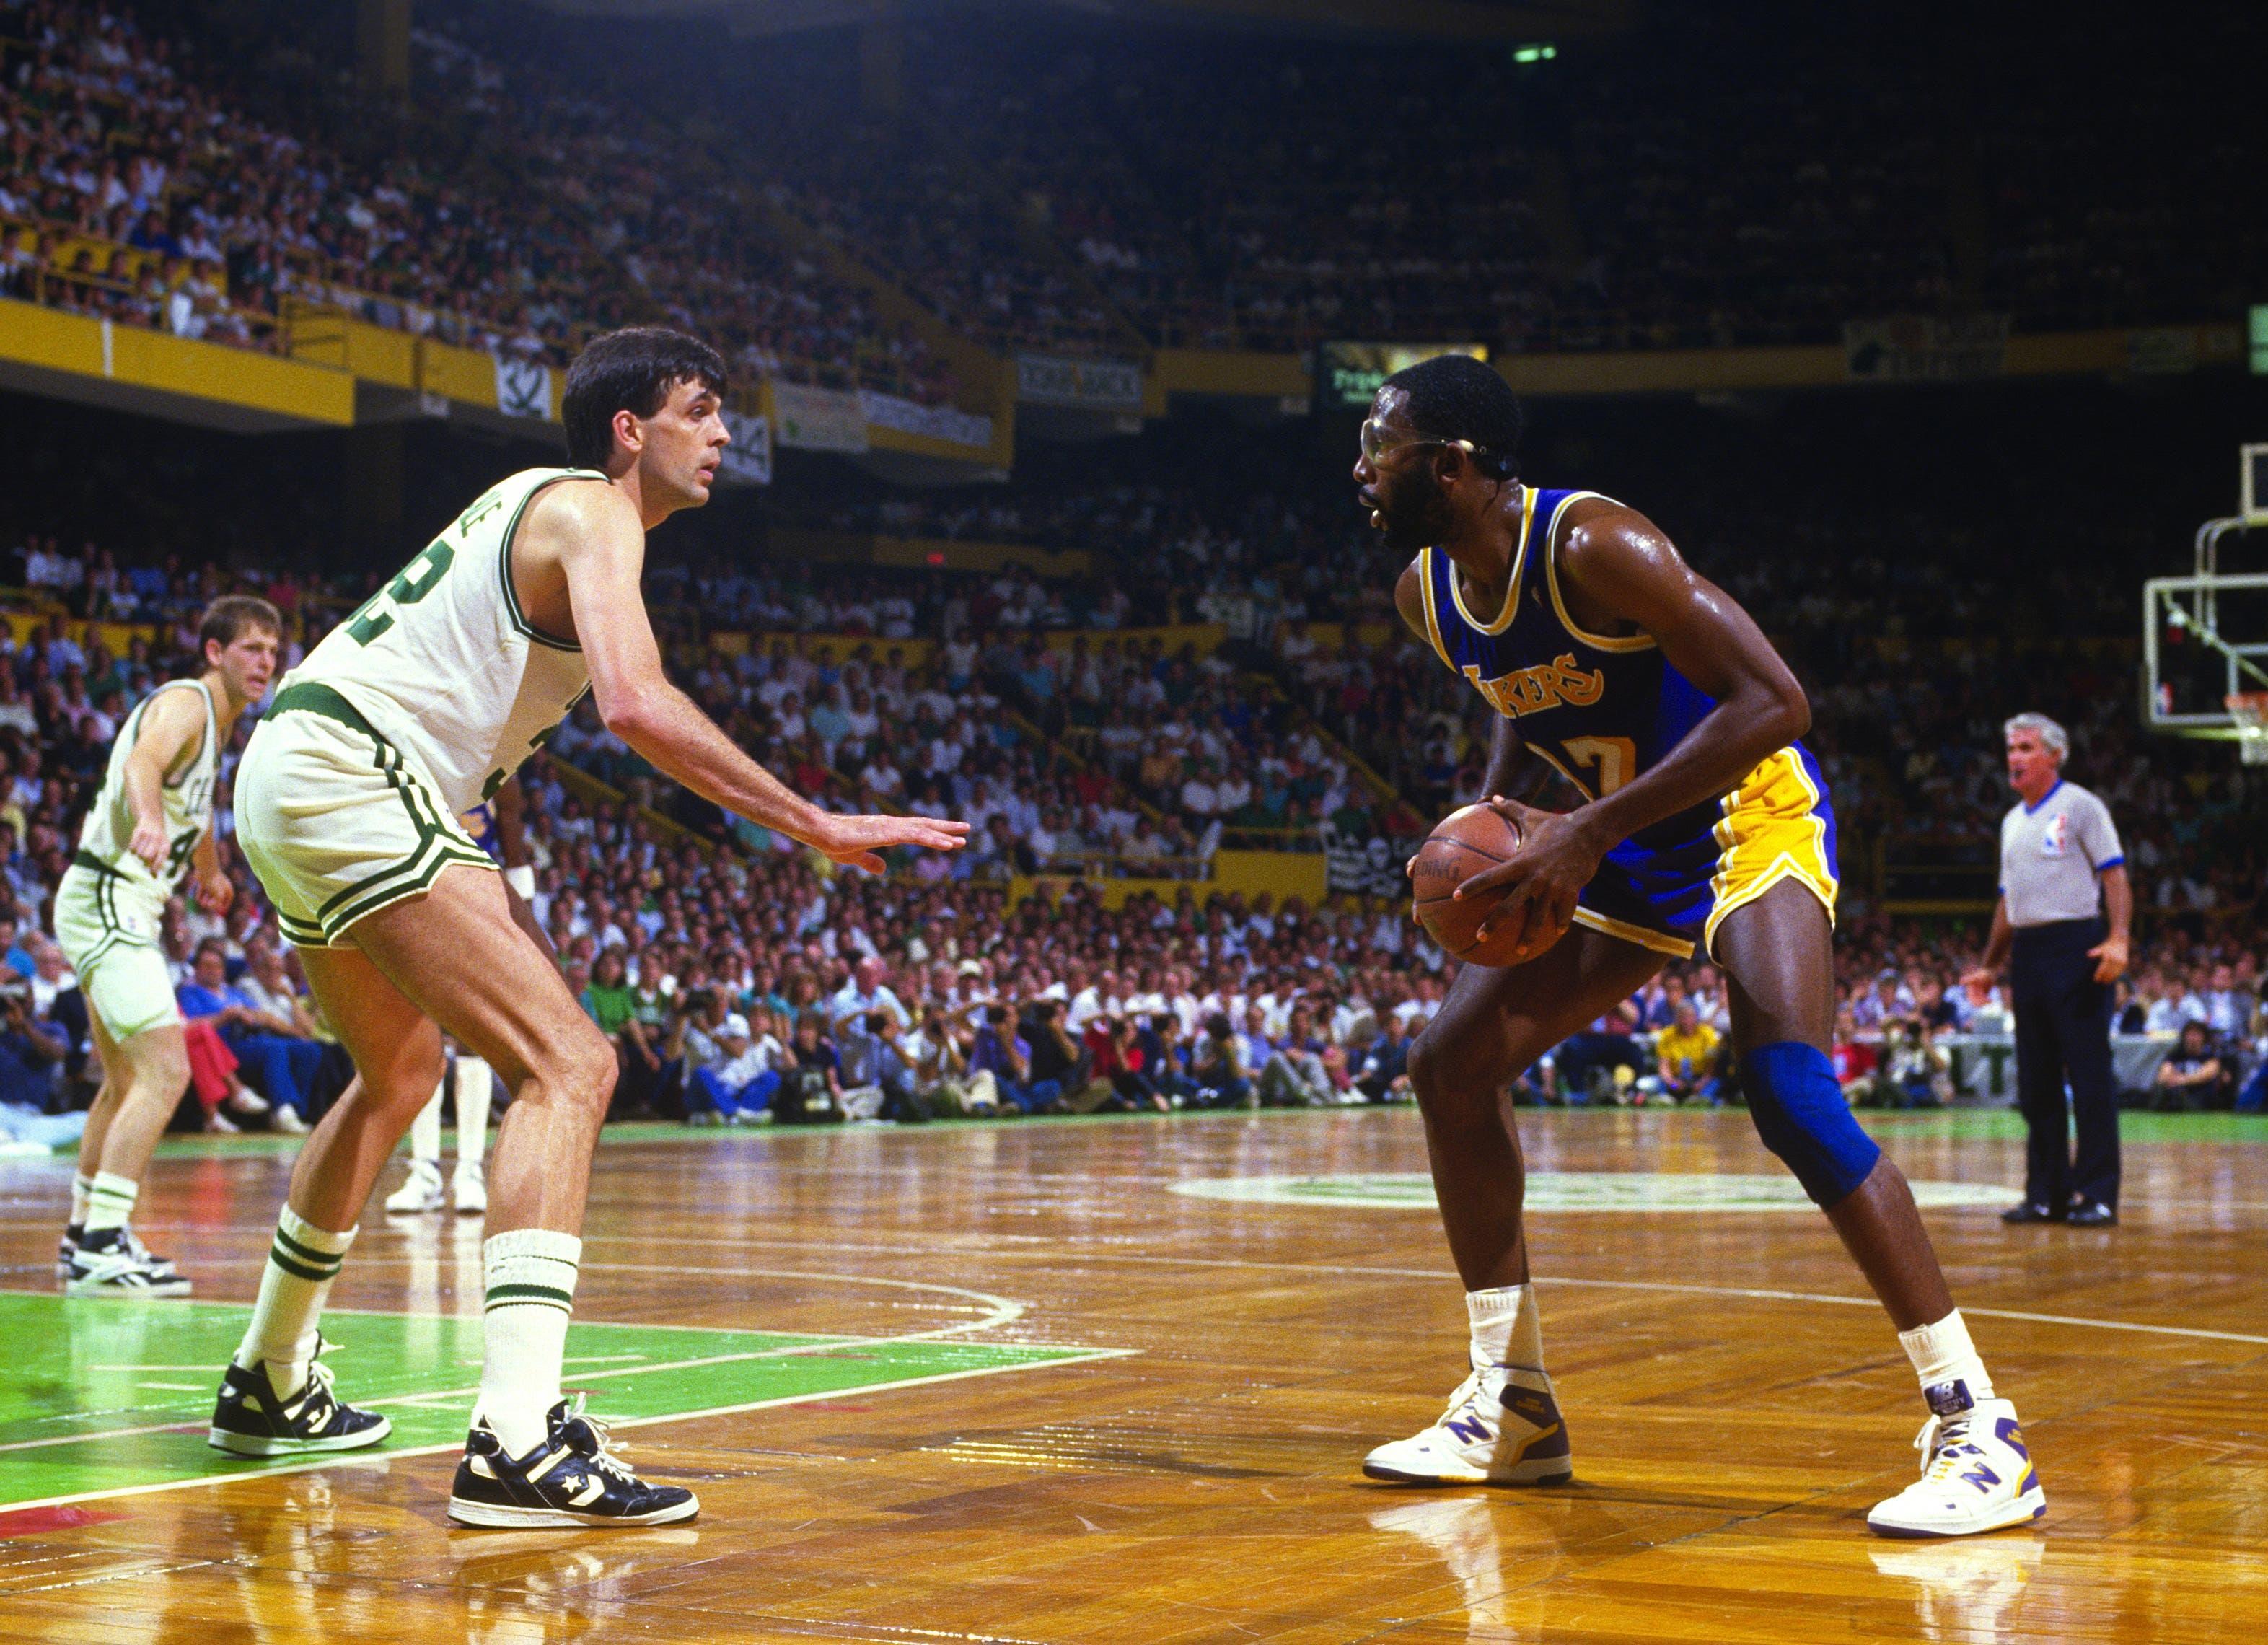 Уникальный математический рейтинг SD Топ 100 игроков в истории НБА. Места 80-71